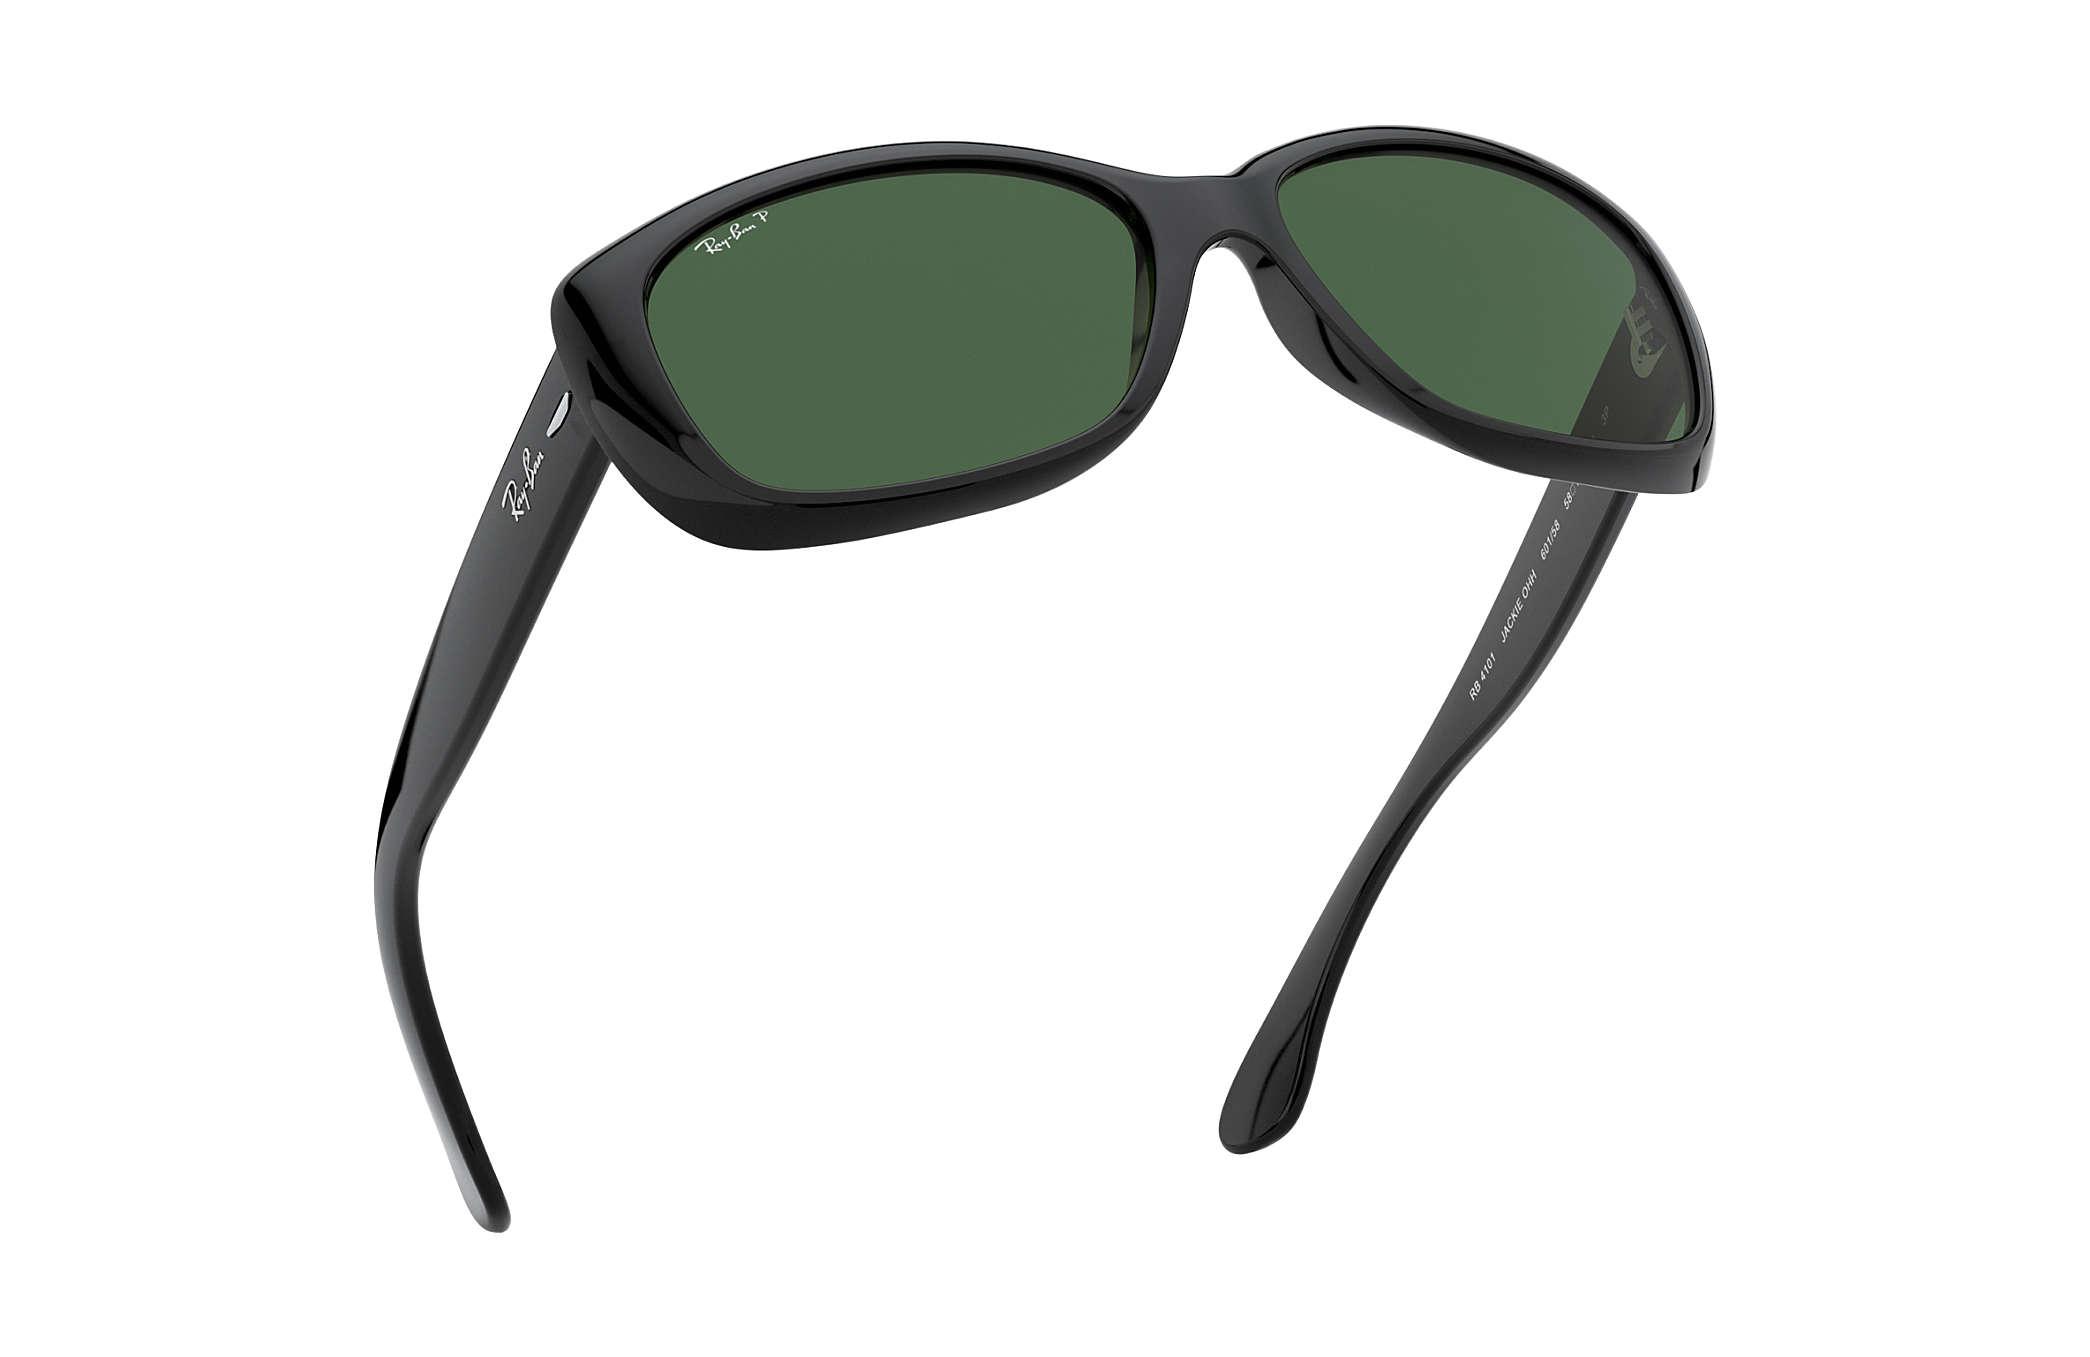 ca954a06eeb Ray-Ban Jackie Ohh RB4101 Black - Nylon - Green Polarized Lenses ...